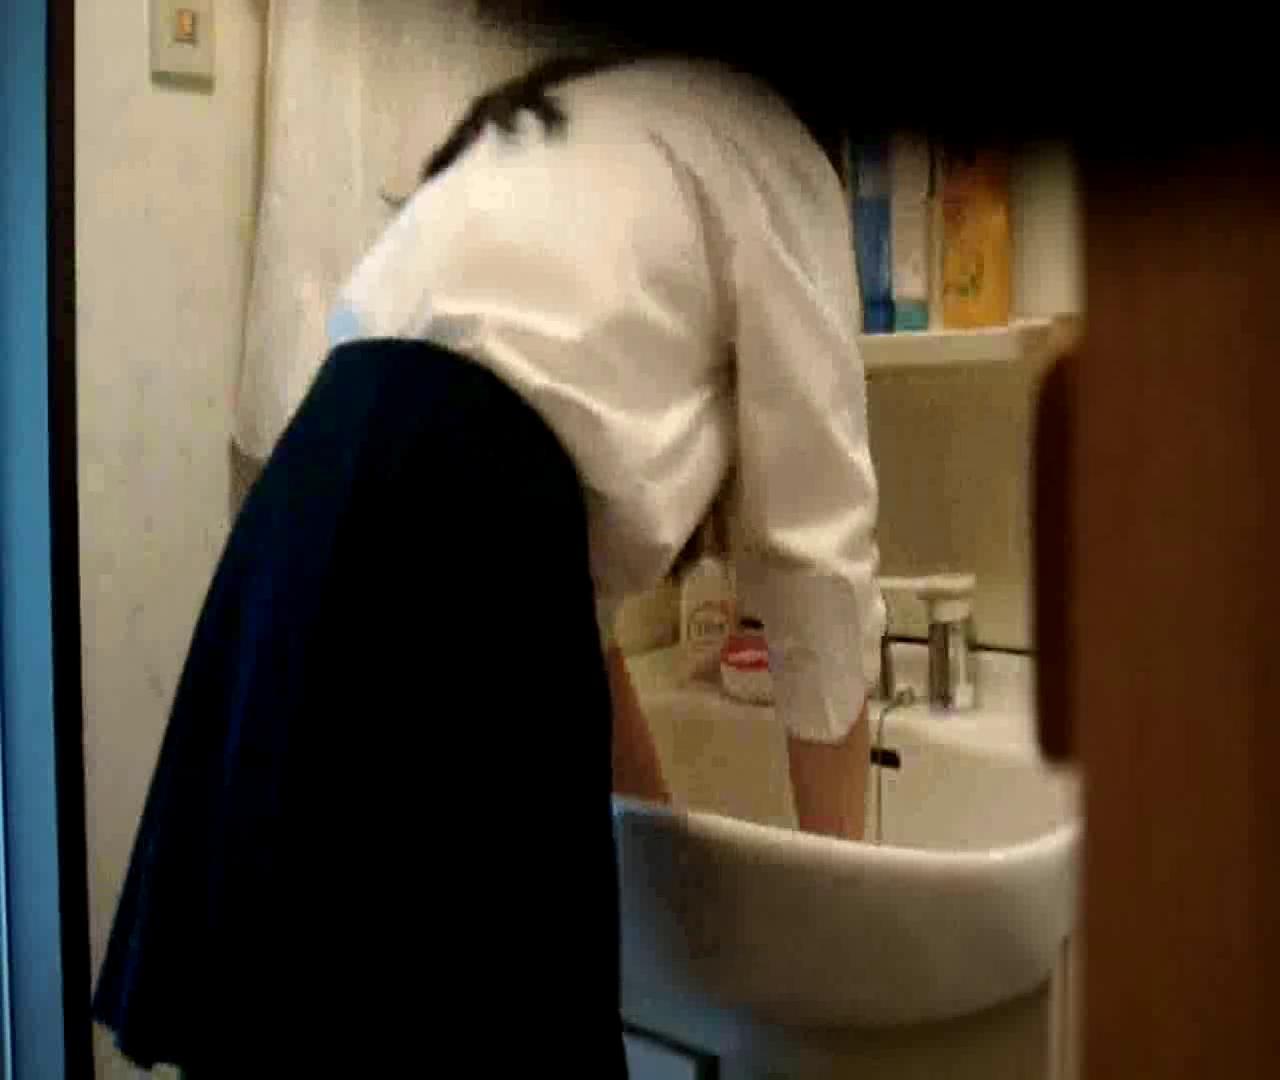 二人とも育てた甲斐がありました… vol.05 まどかが洗顔後にブラを洗濯 盗撮シリーズ  79PIX 56